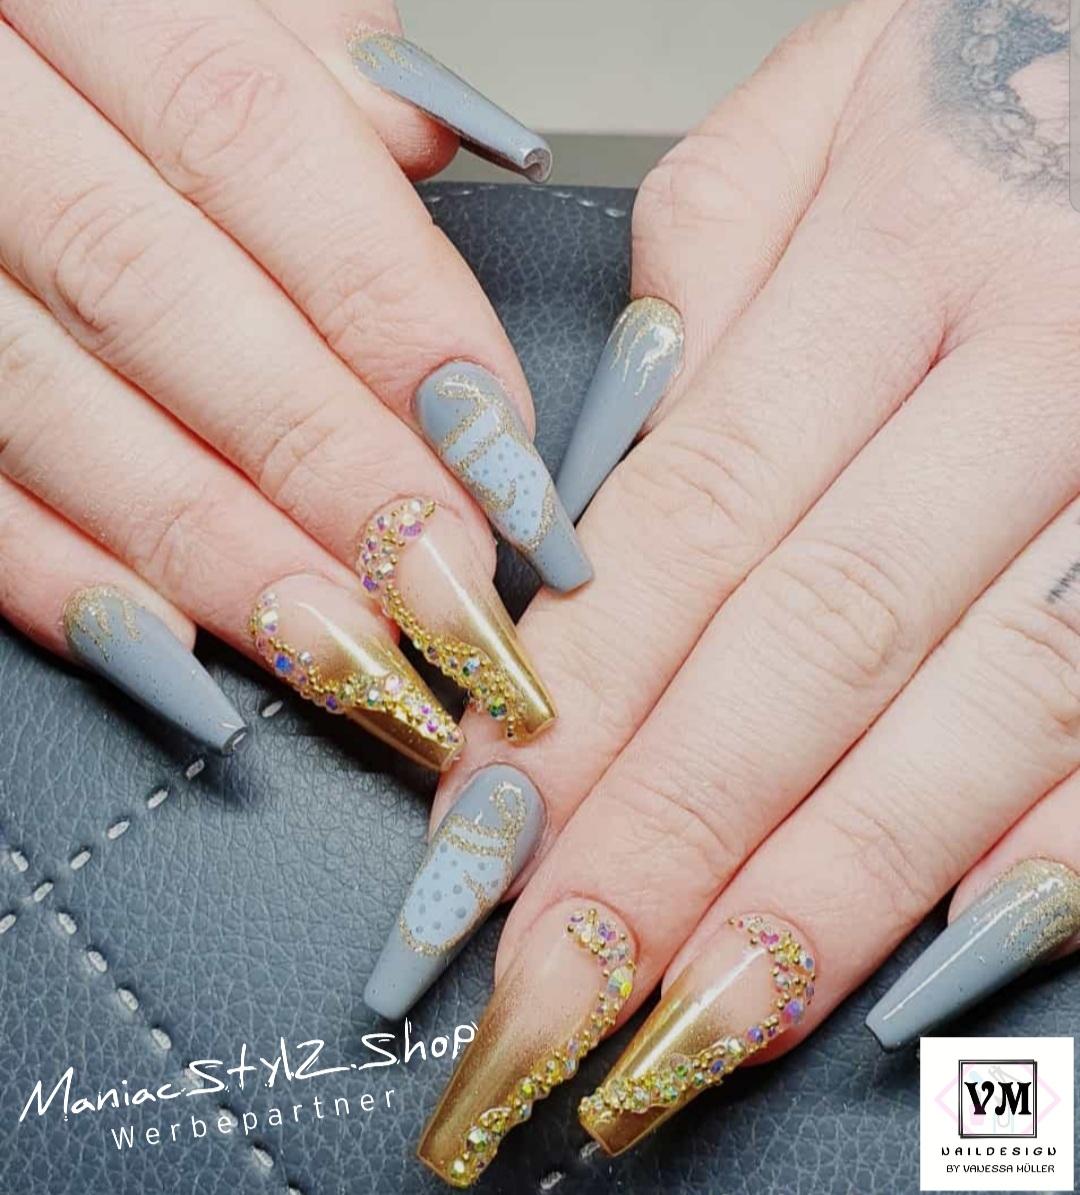 nagel design - maniac stylz 10